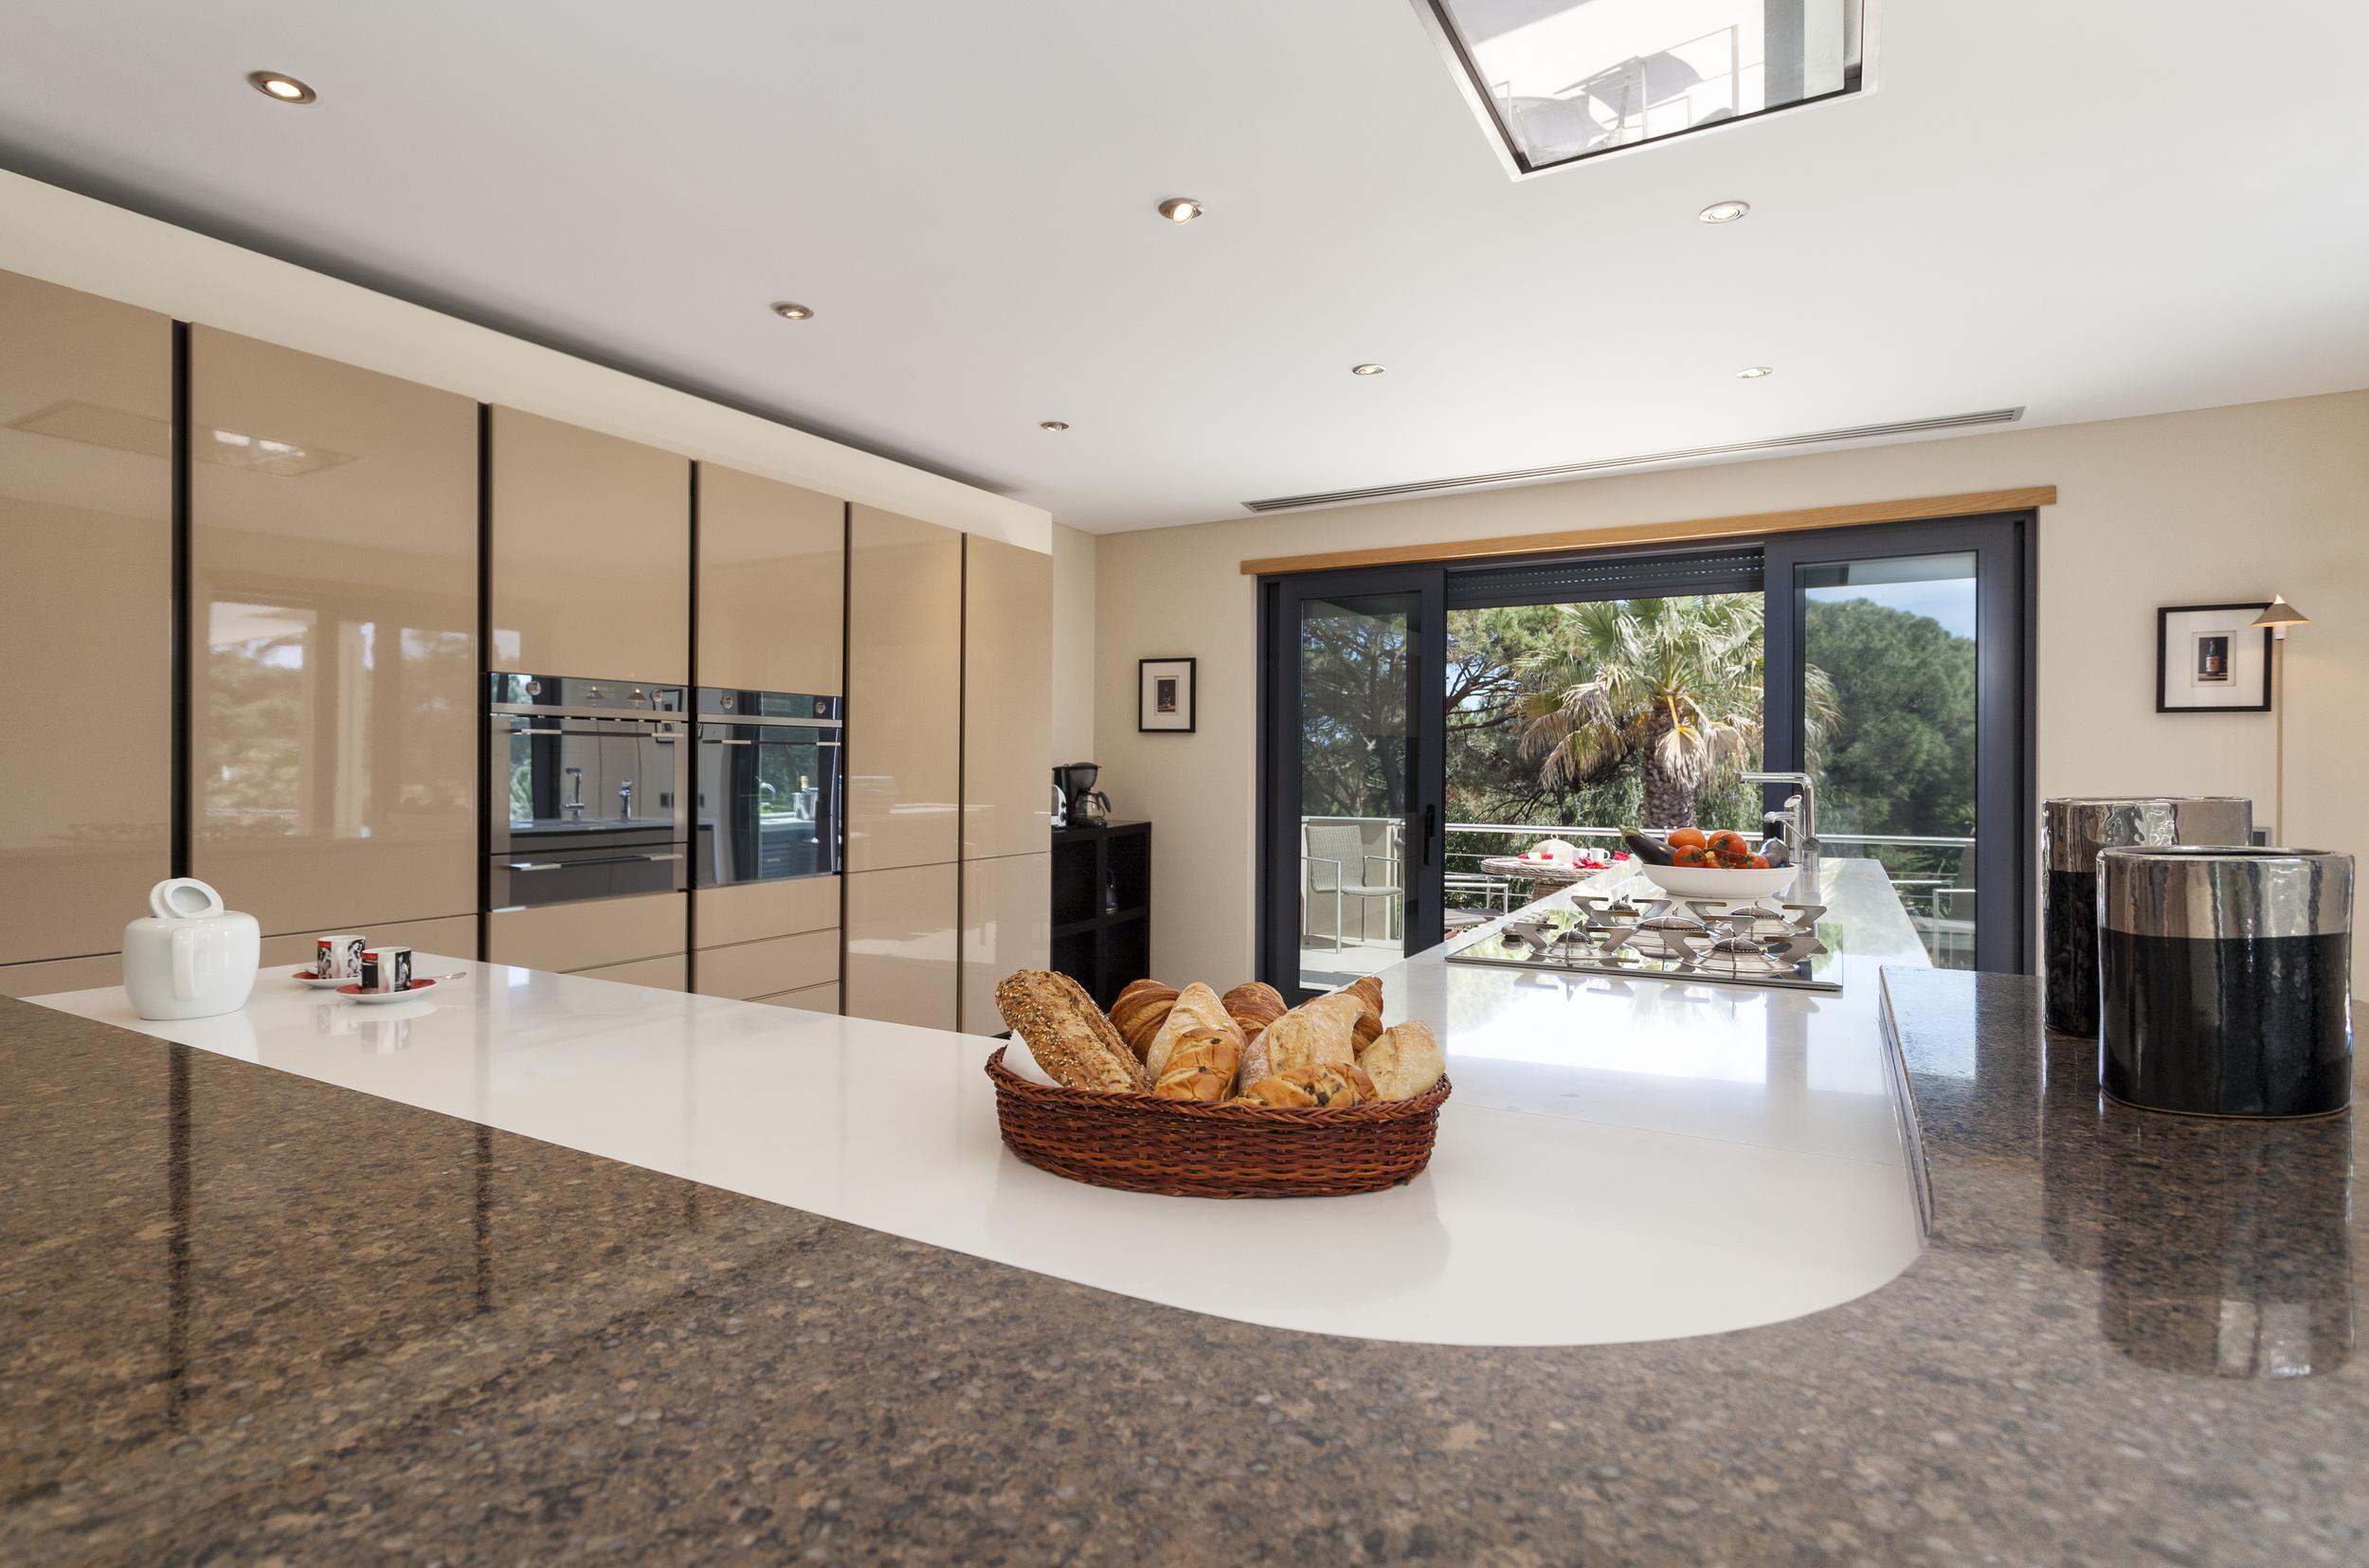 4 bedroom villa to rent in Quinta do Lago, RLV, Villa Serpentine,33.jpg